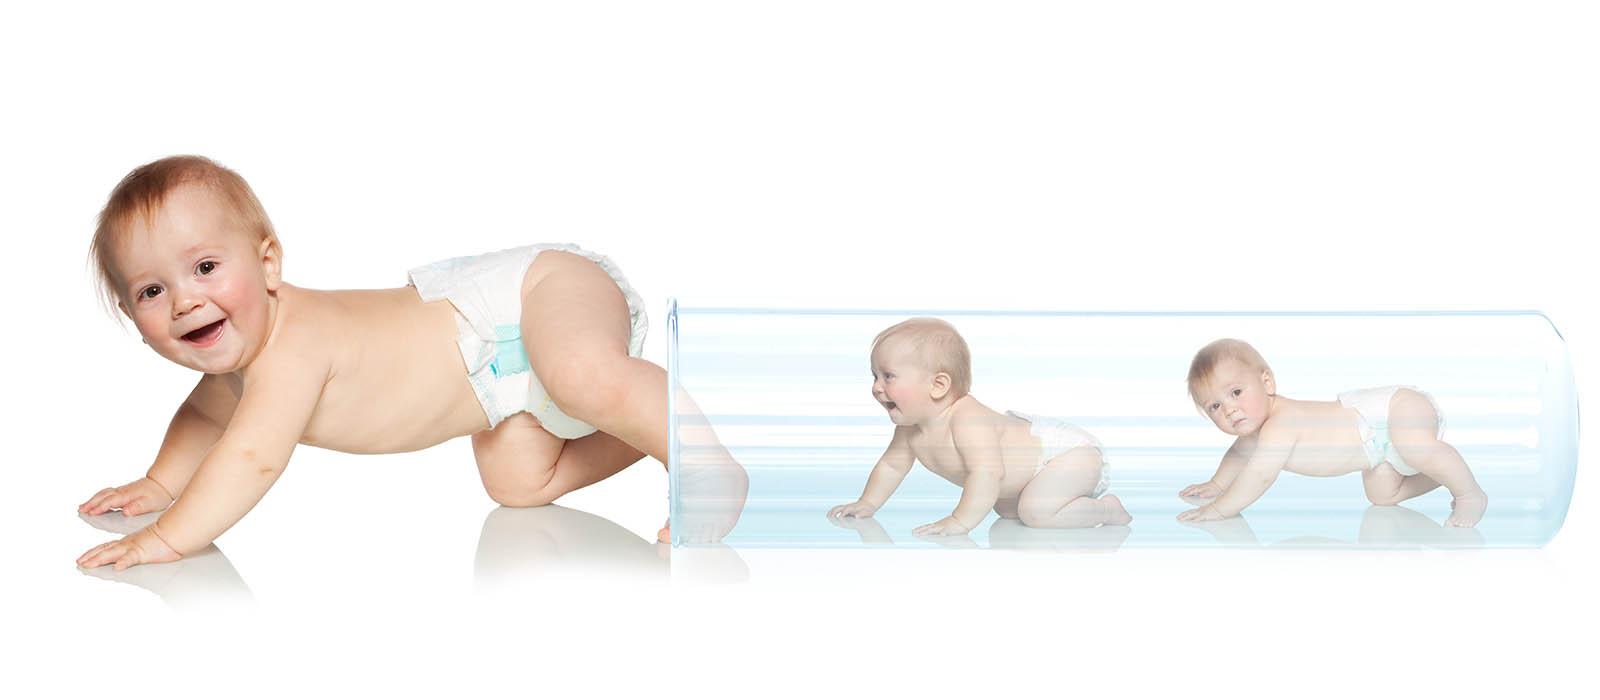 IVF Slide 7